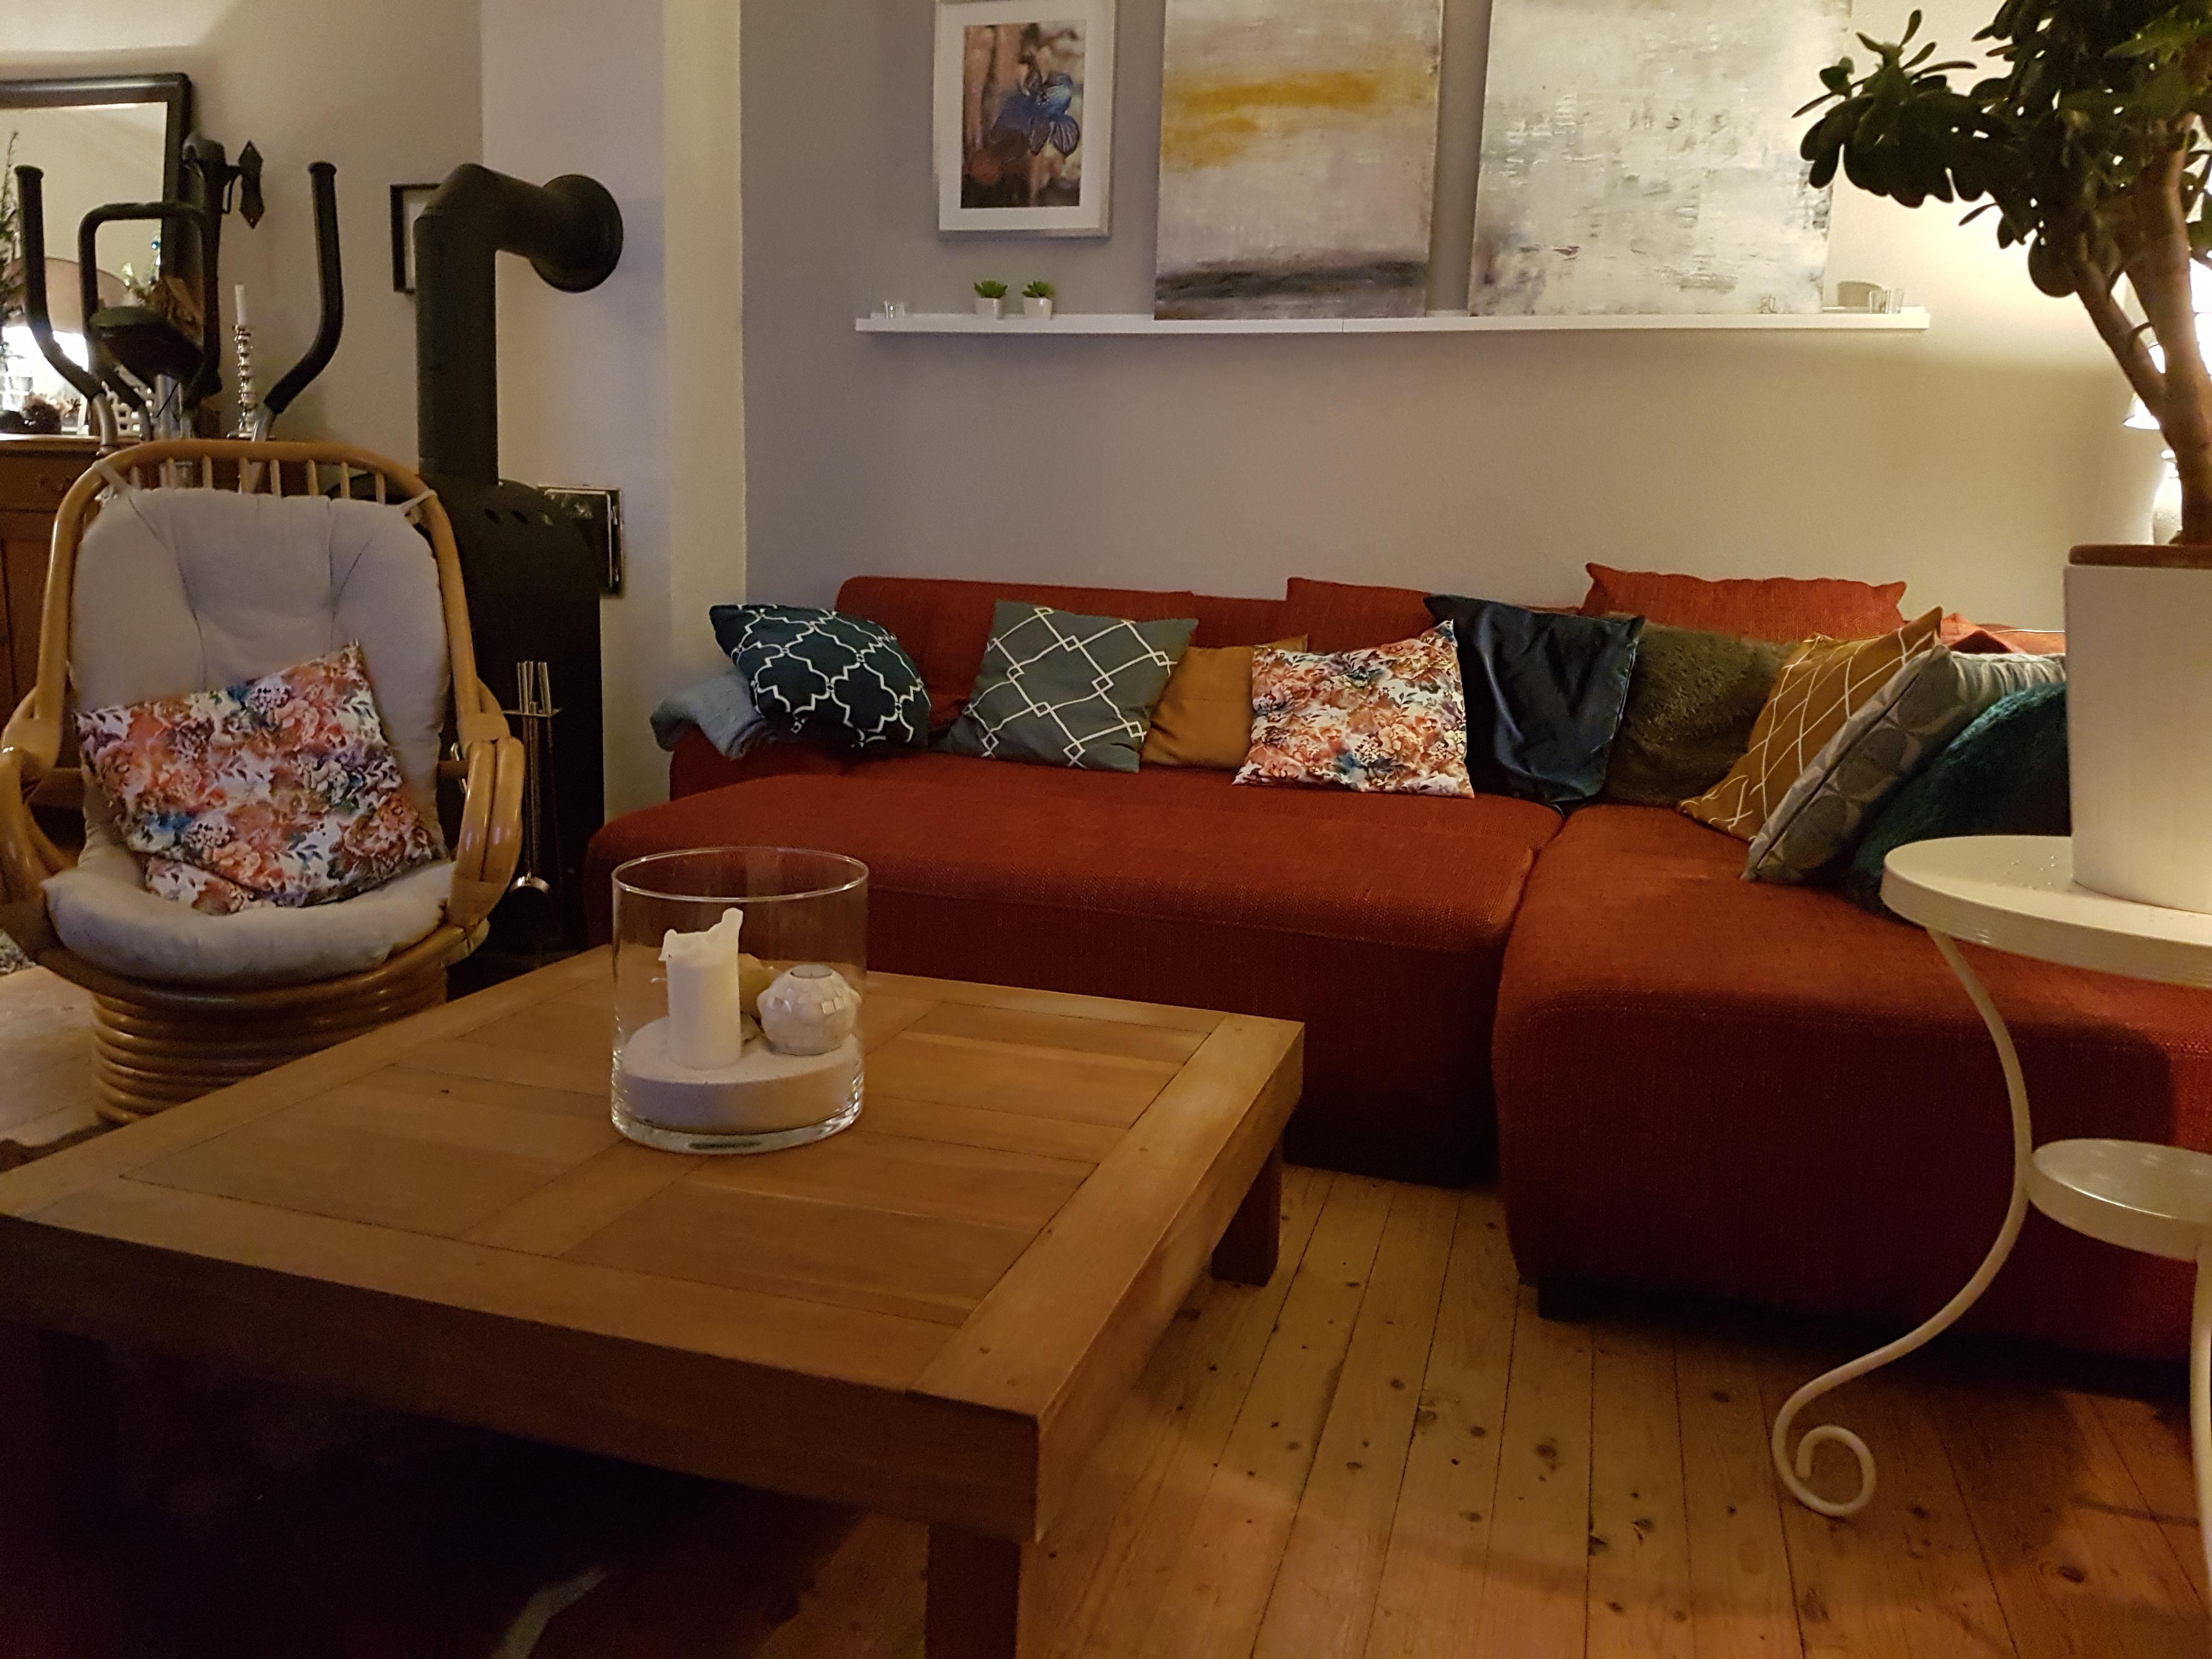 Rote Wandgestaltung • Bilder & Ideen • Couchstyle